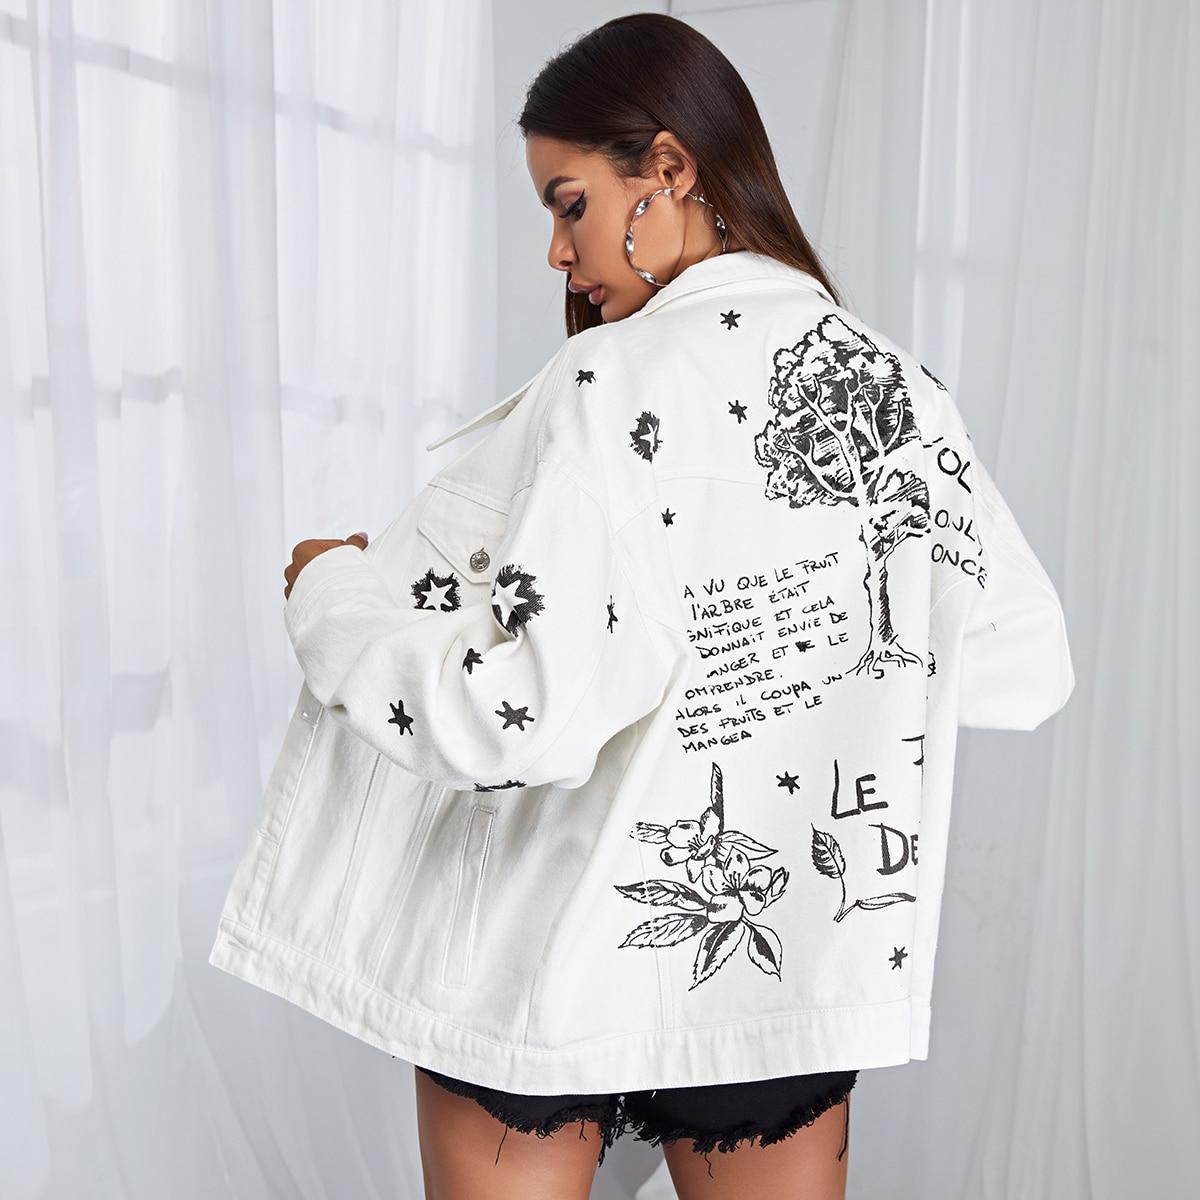 Джинсовая куртка с текстовым принтом